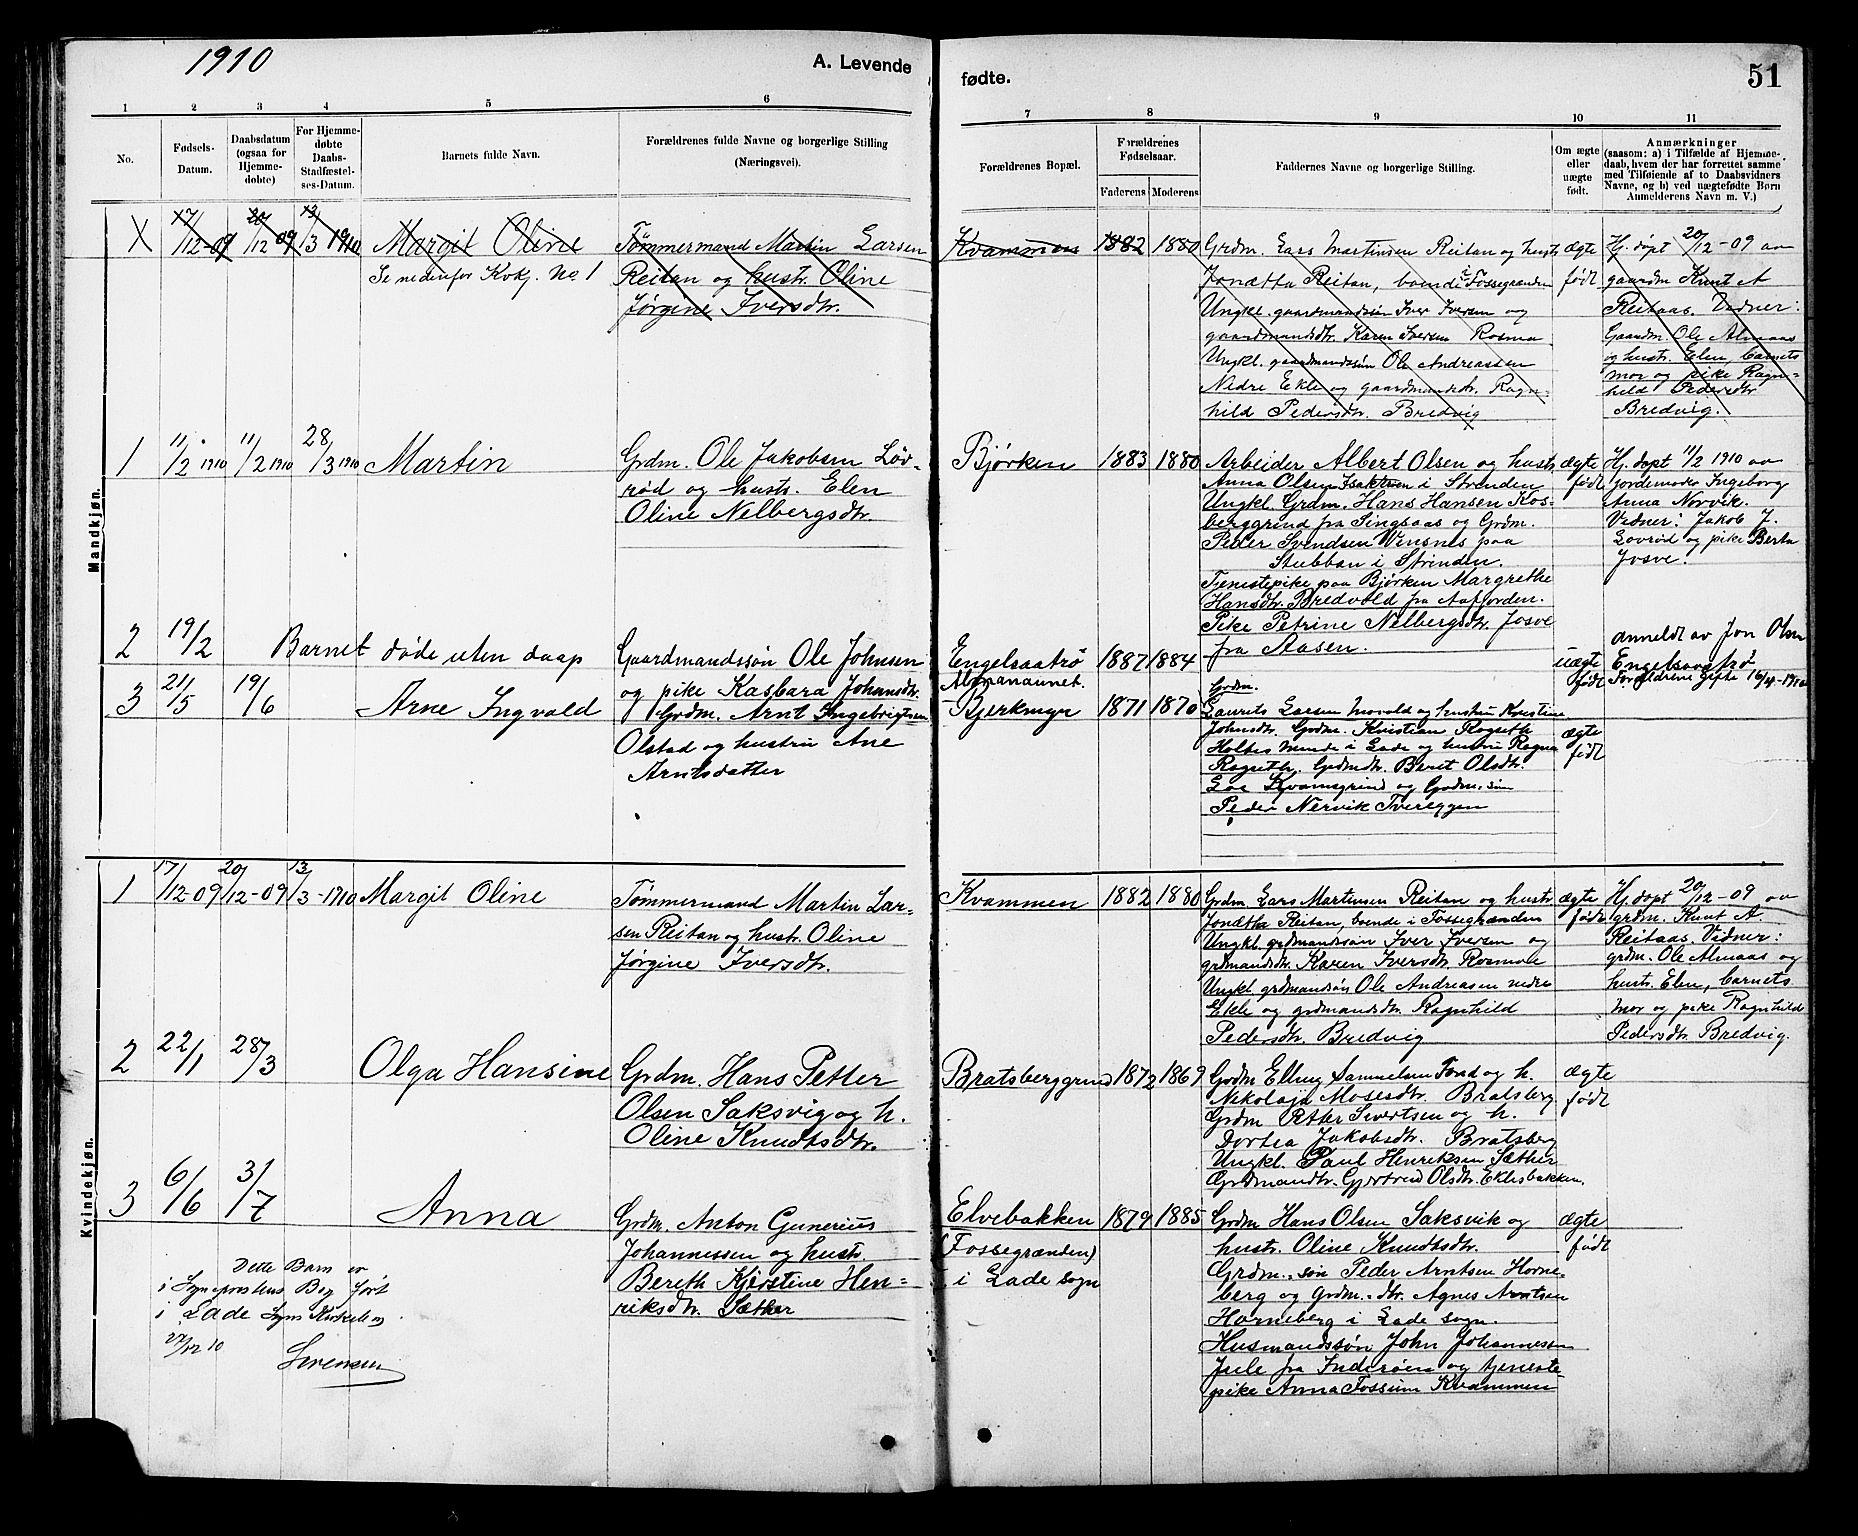 SAT, Ministerialprotokoller, klokkerbøker og fødselsregistre - Sør-Trøndelag, 608/L0341: Klokkerbok nr. 608C07, 1890-1912, s. 51